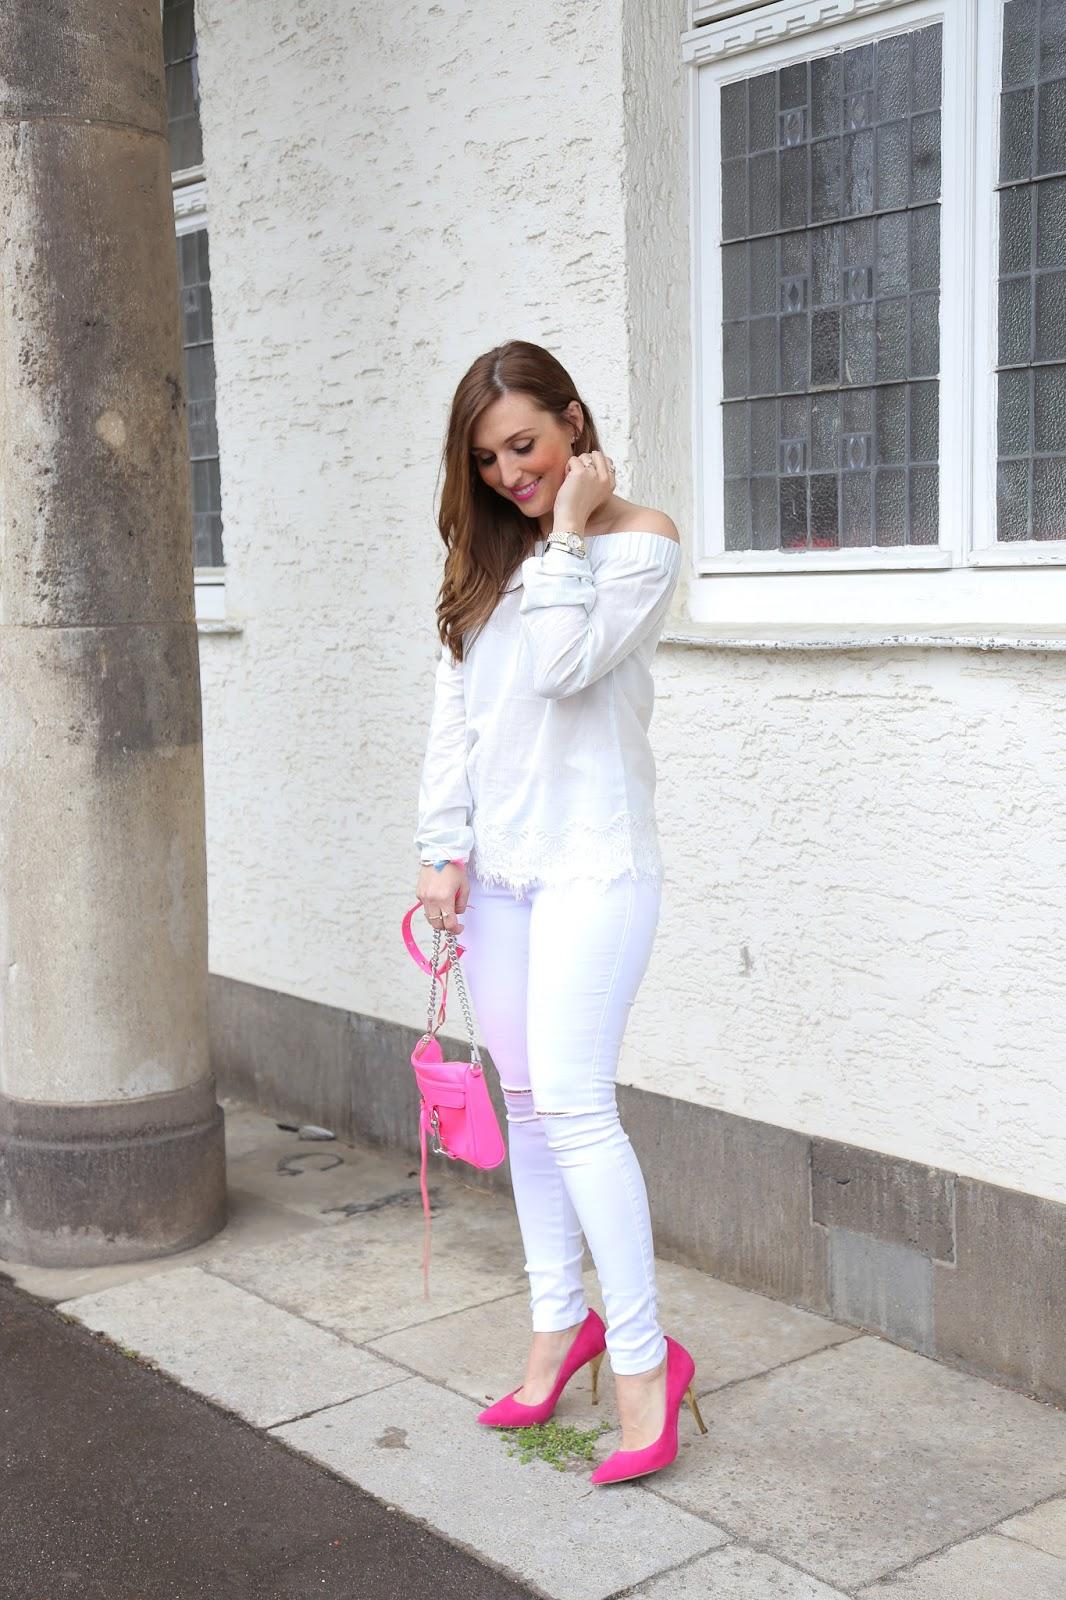 Off Shoulder - Off Shoulder Bluse - Pinke Tasche Blogger - Bloggeroutfit - Frühlingslook - Pinke Minkoff Tasche - Fashionstylebyjohanna